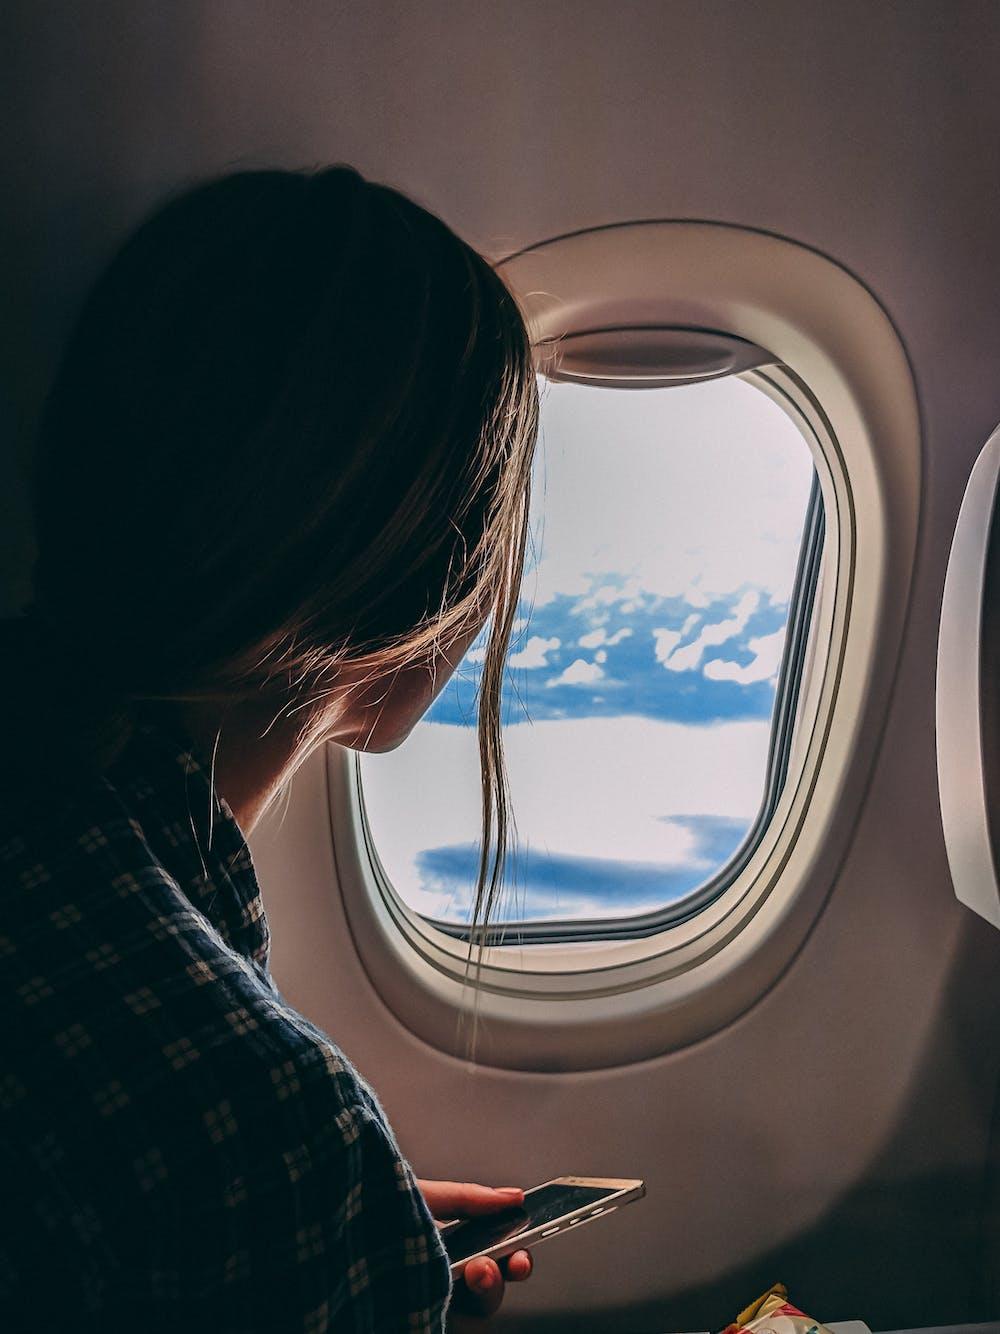 Voici comment prendre l'avion en toute sécurité pendant cette pandémie.